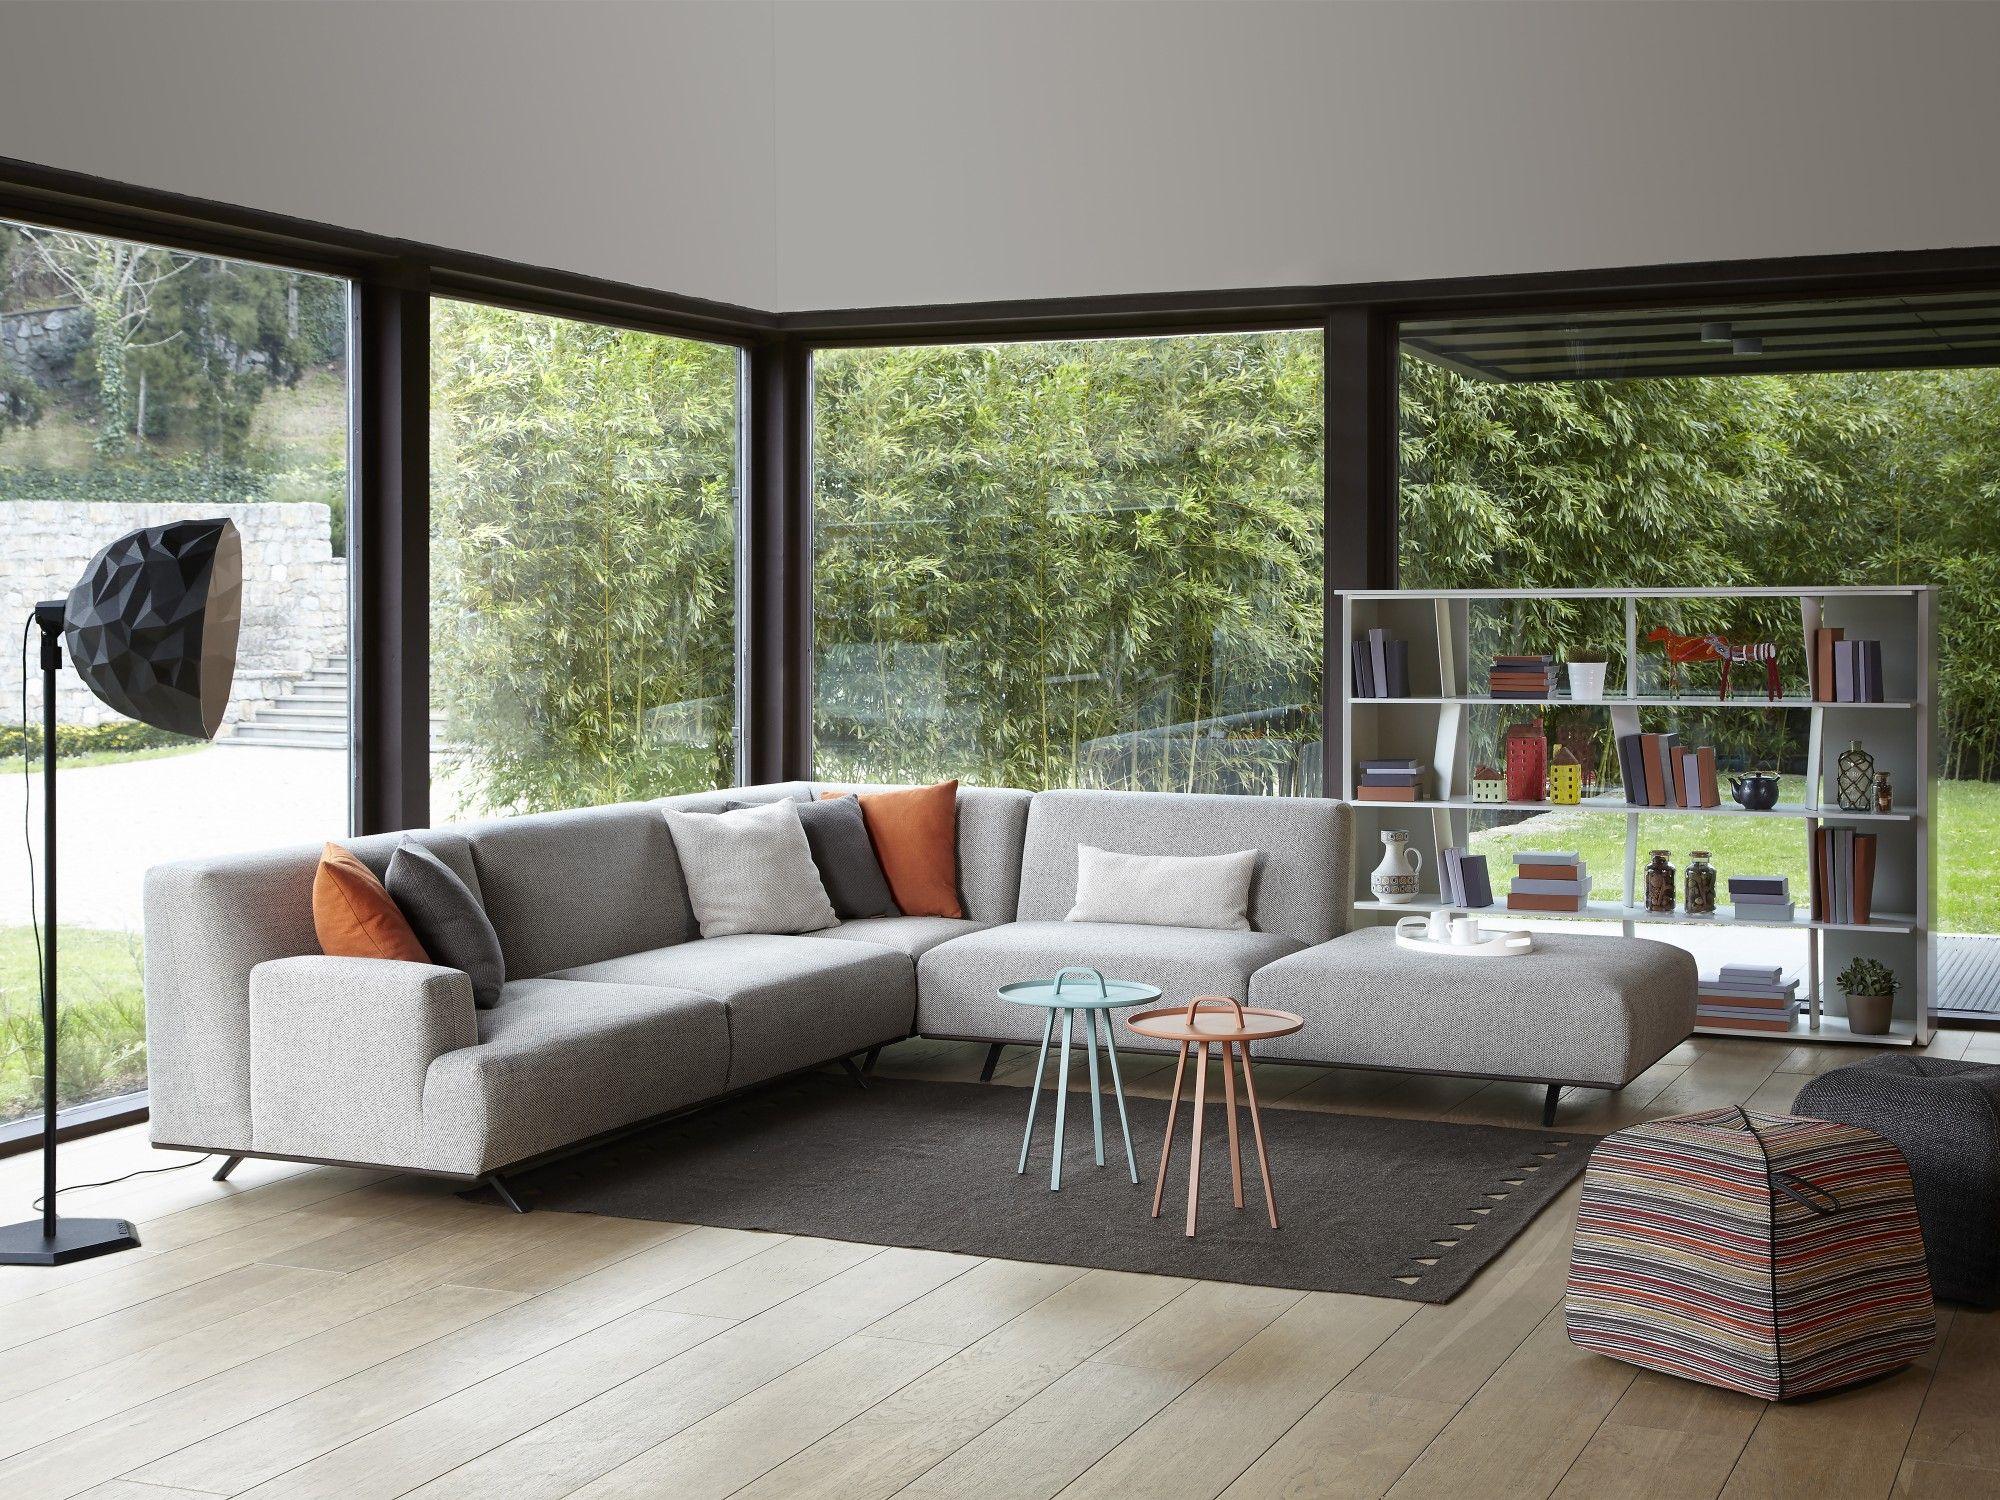 Oscar ev kanepeler koleksiyon mobilya dekorasyon for Mobilya wedding